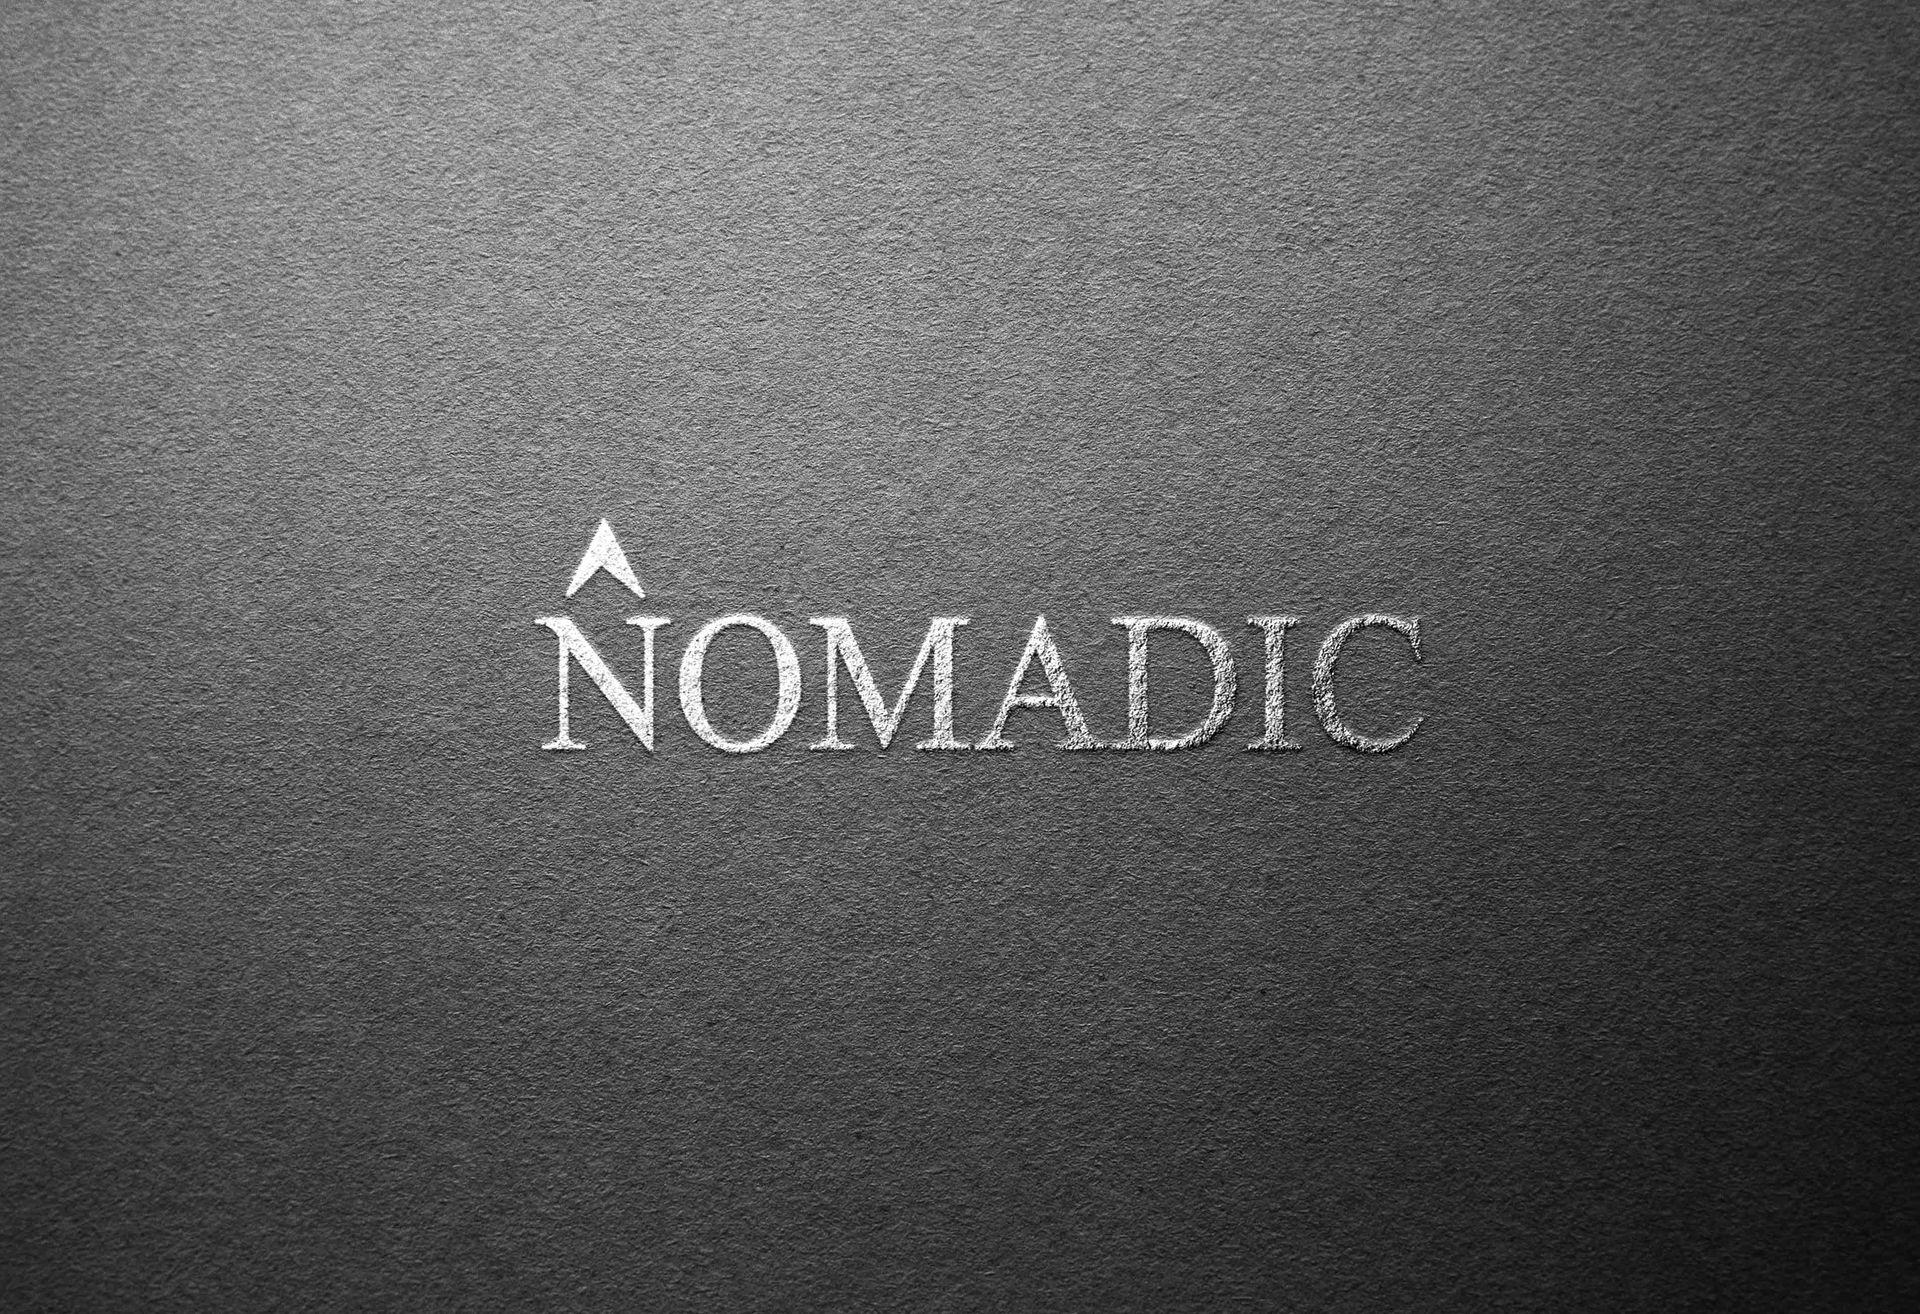 nomadic logo branding.jpg